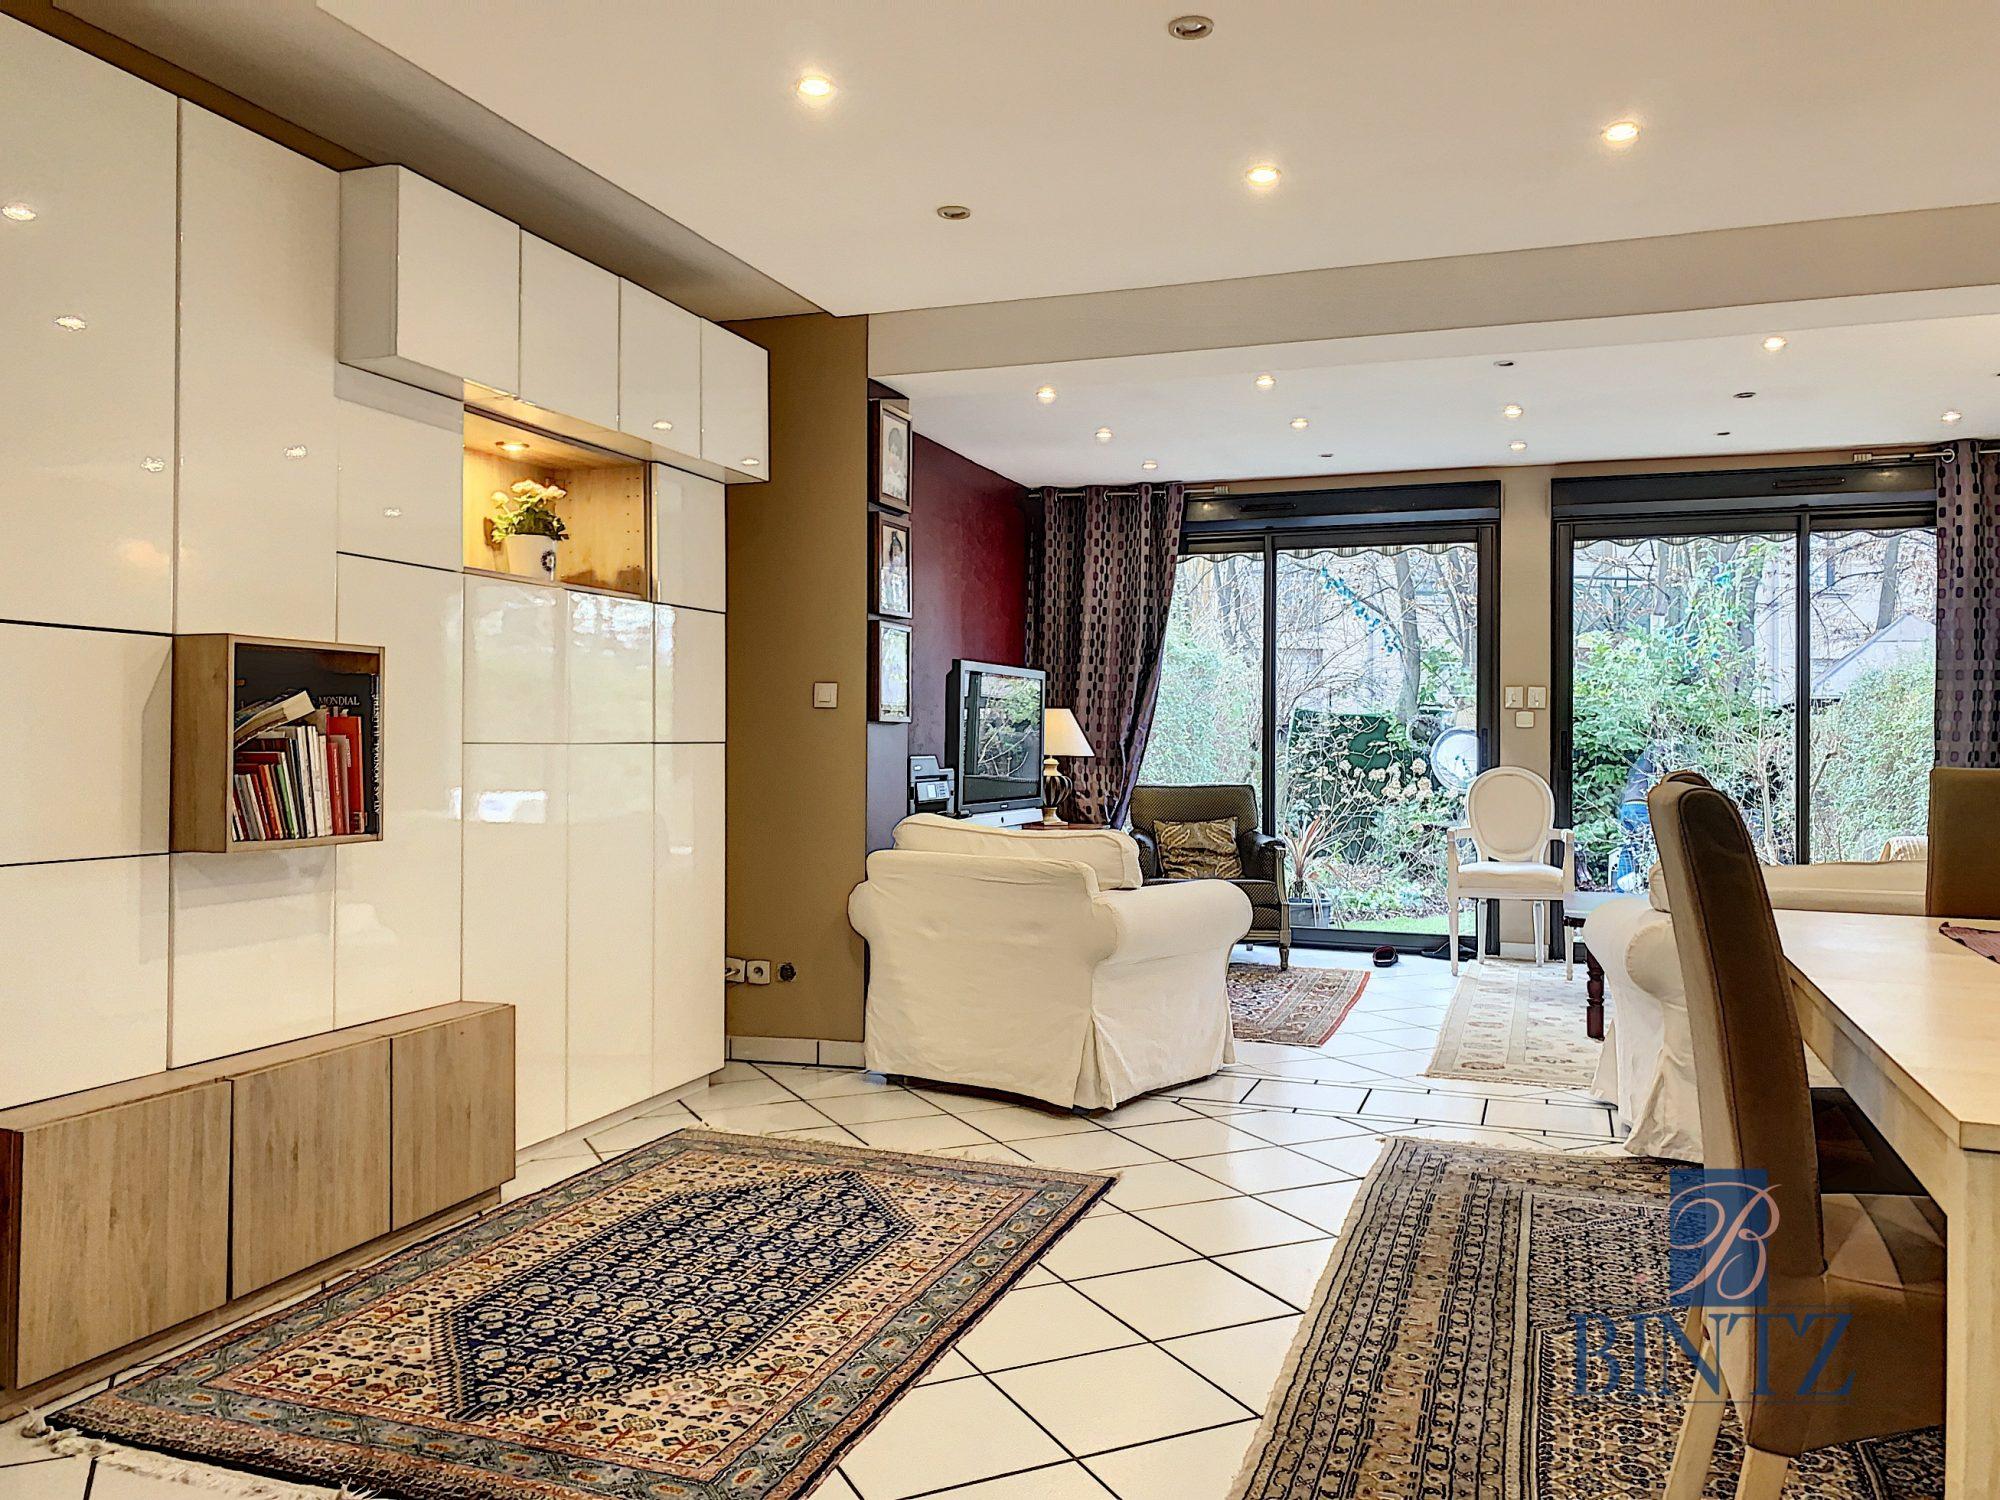 MAISONS 6 PIÈCES AVEC JARDIN ET GARAGE - Devenez propriétaire en toute confiance - Bintz Immobilier - 1